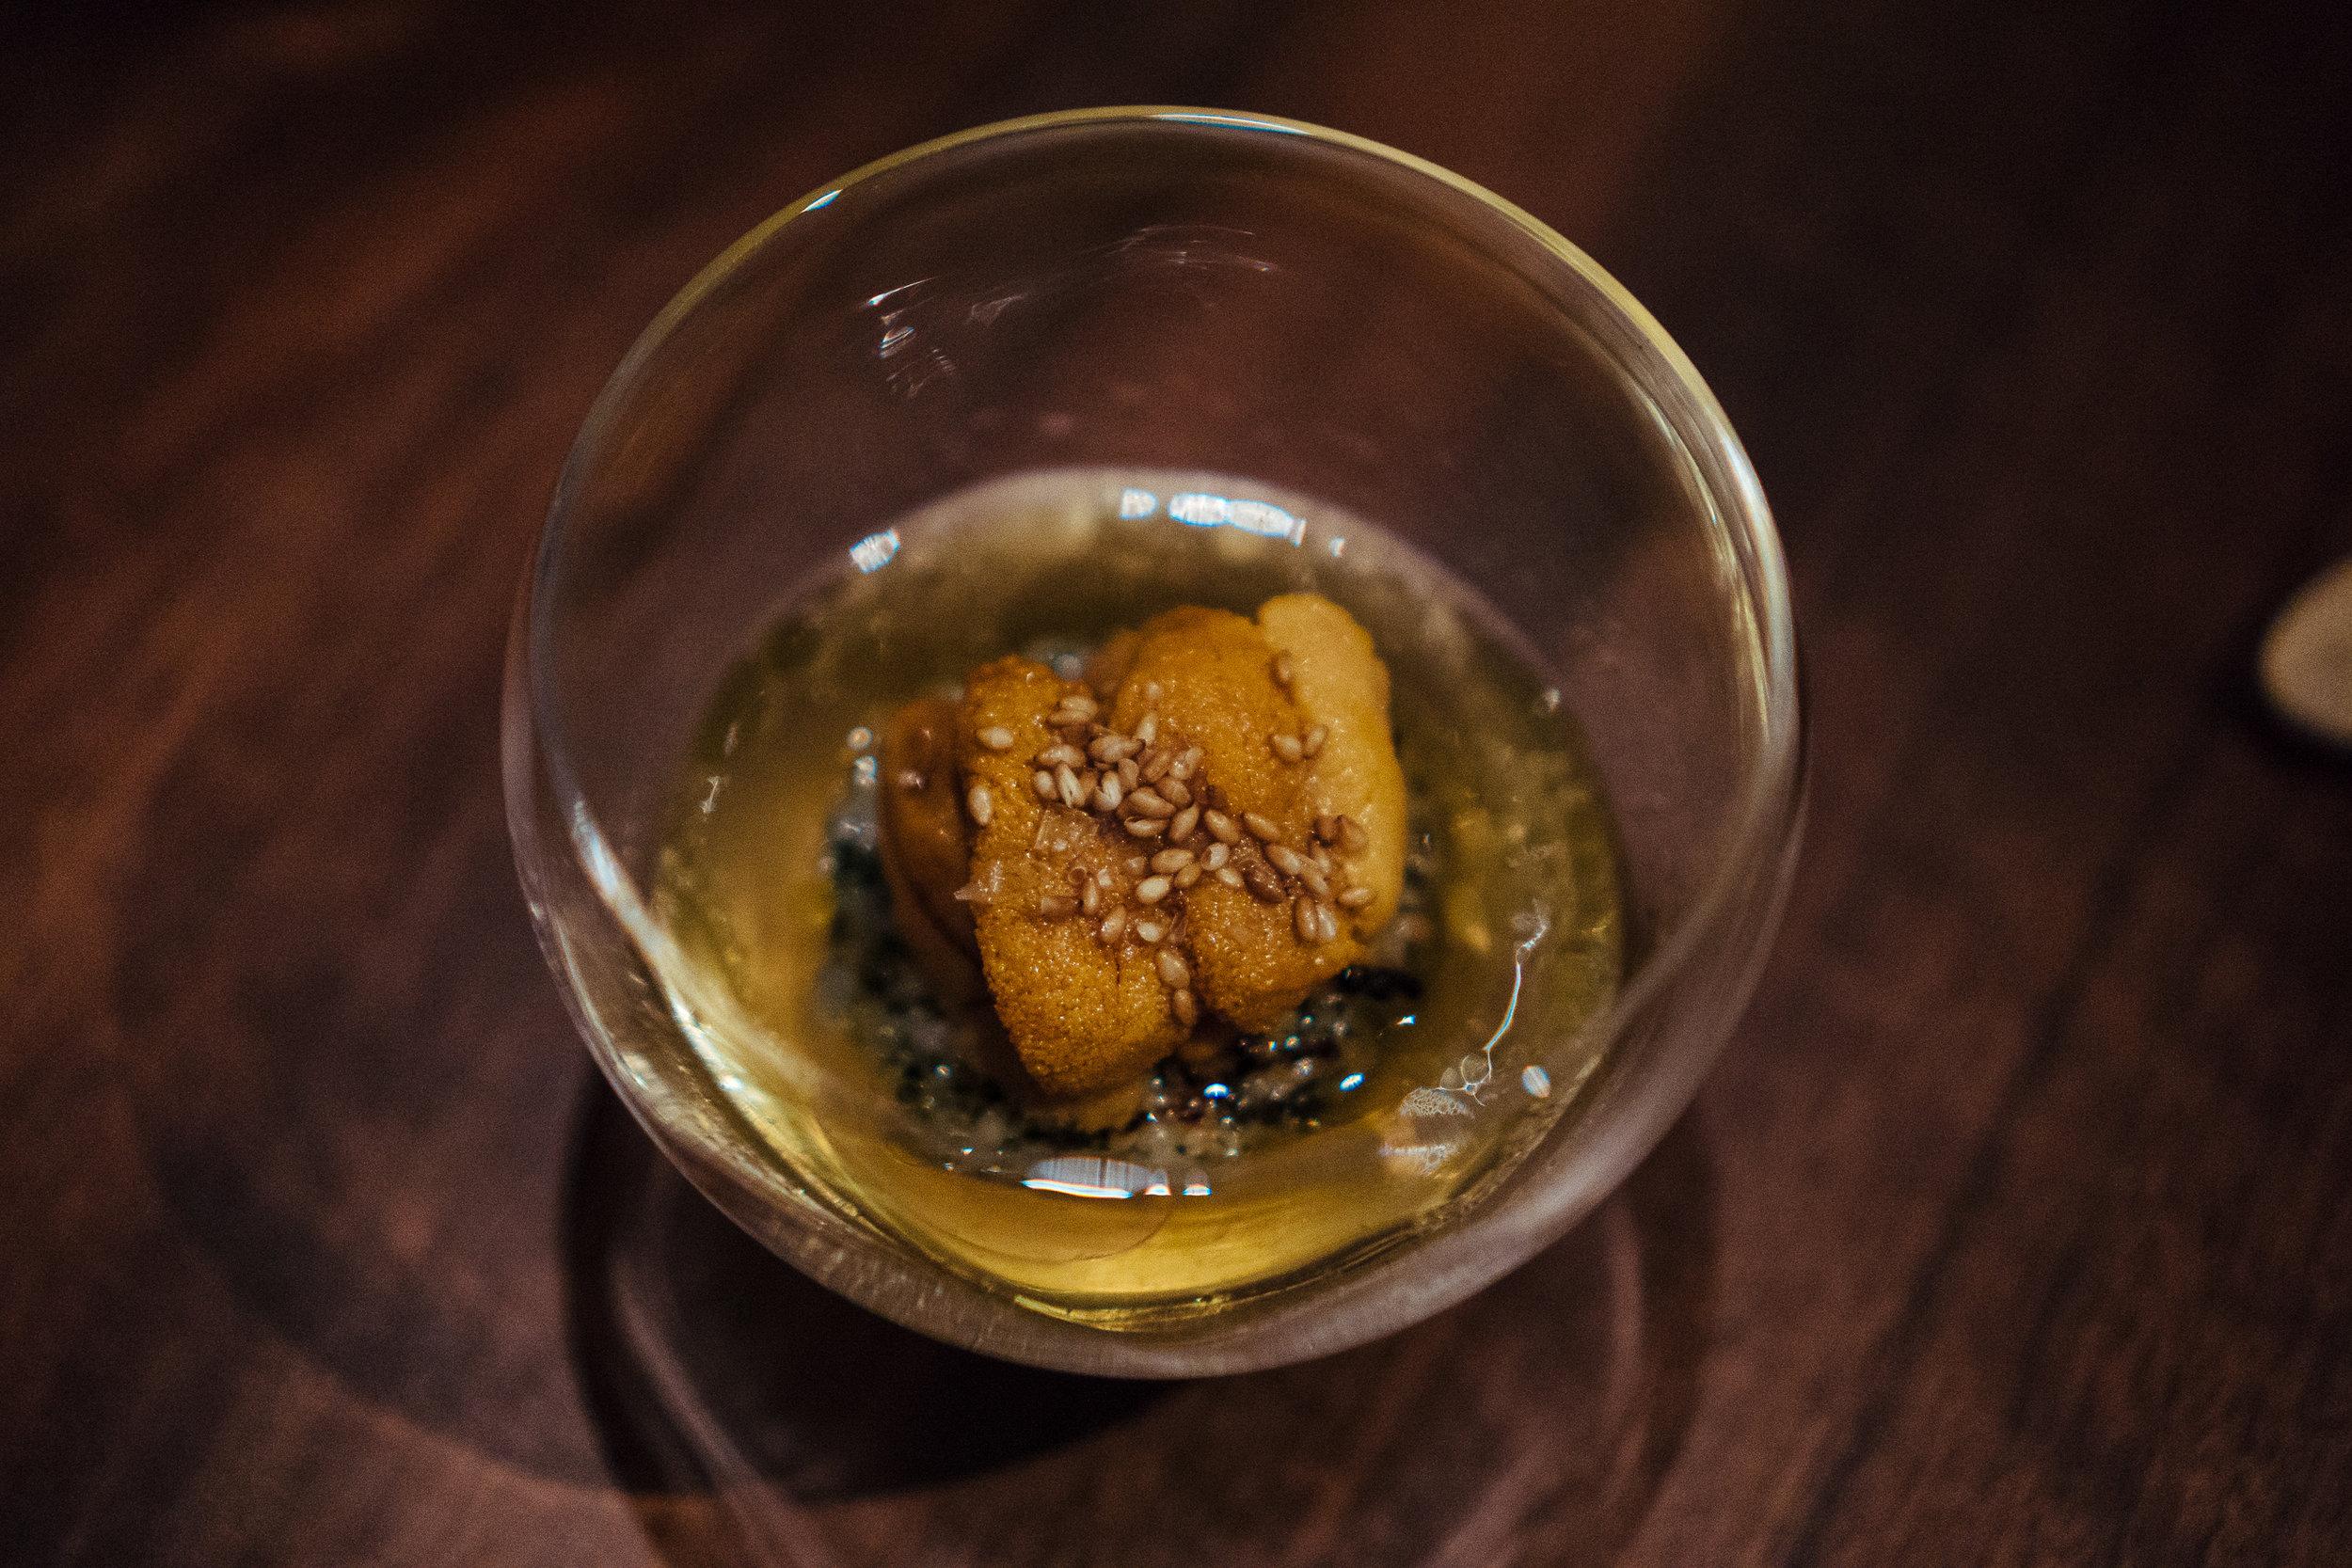 个人觉得味道偏咸,其实她家几道灵感取自亚洲的菜肴都普遍有些偏咸,毕竟不是一个菜系。汤汁的umami是很足,但有点宣兵夺主, 中间的酥炸米糕被汤泡的有点软,还有些粘牙。刚入口的时候对这一道有一点失望,但是有意思的部分在于回味。大咸之后,北海道海胆的鲜甜逐渐在嘴里散开,咂咂嘴,发现鲜味还在,伴随着甜味慢慢包住整个舌头根部,一直浸到喉咙里。体验还是比较有层次的。